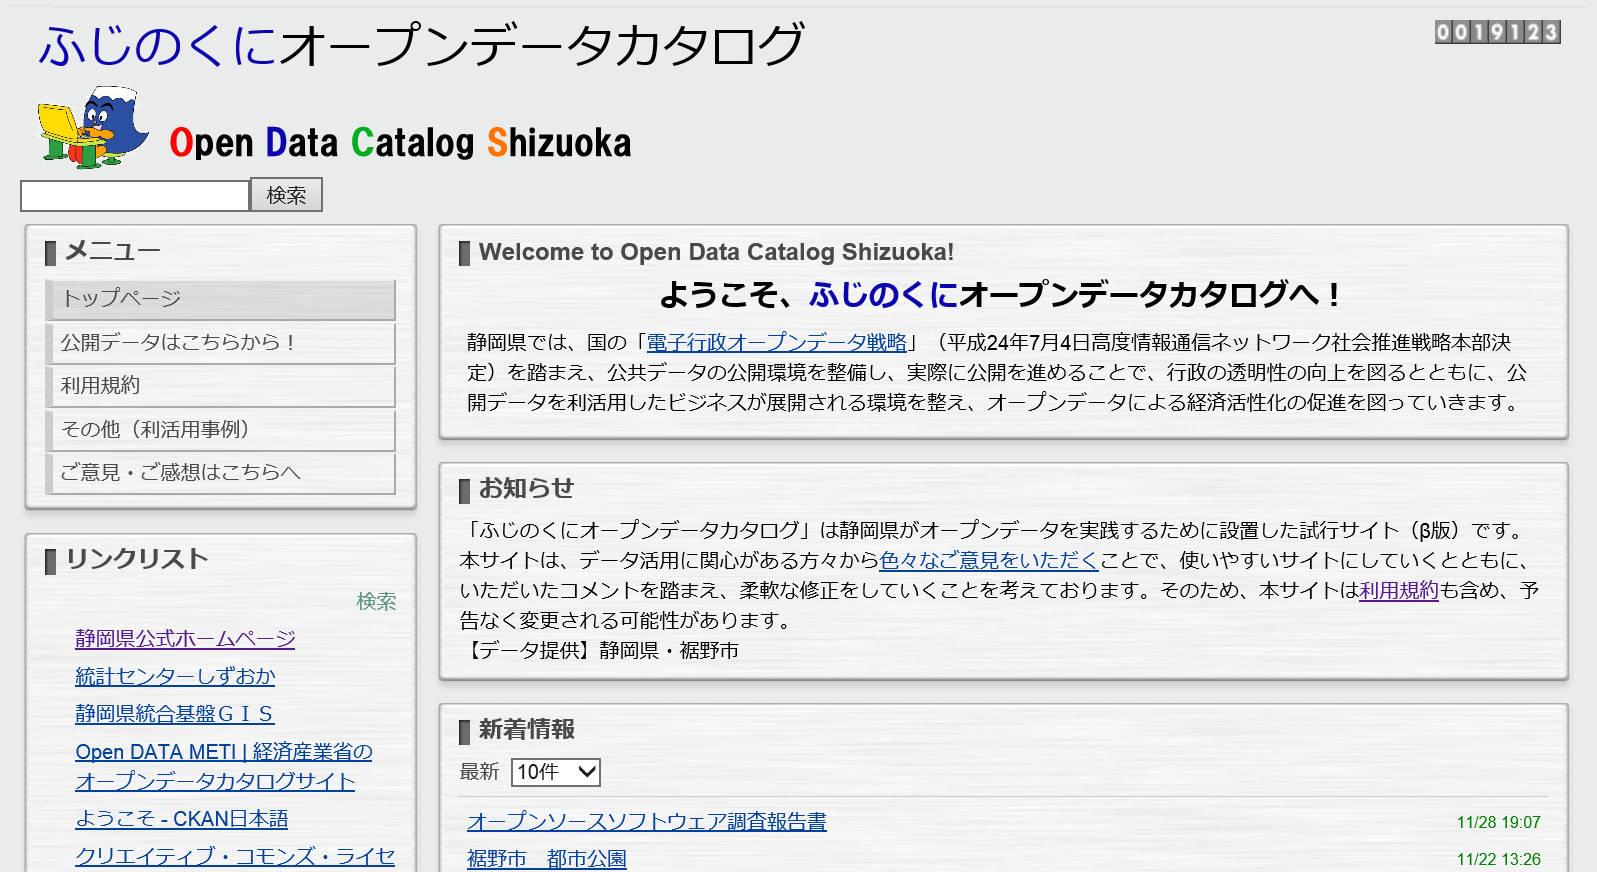 ふじのくにオープンデータカタログ、利用させて頂いております。